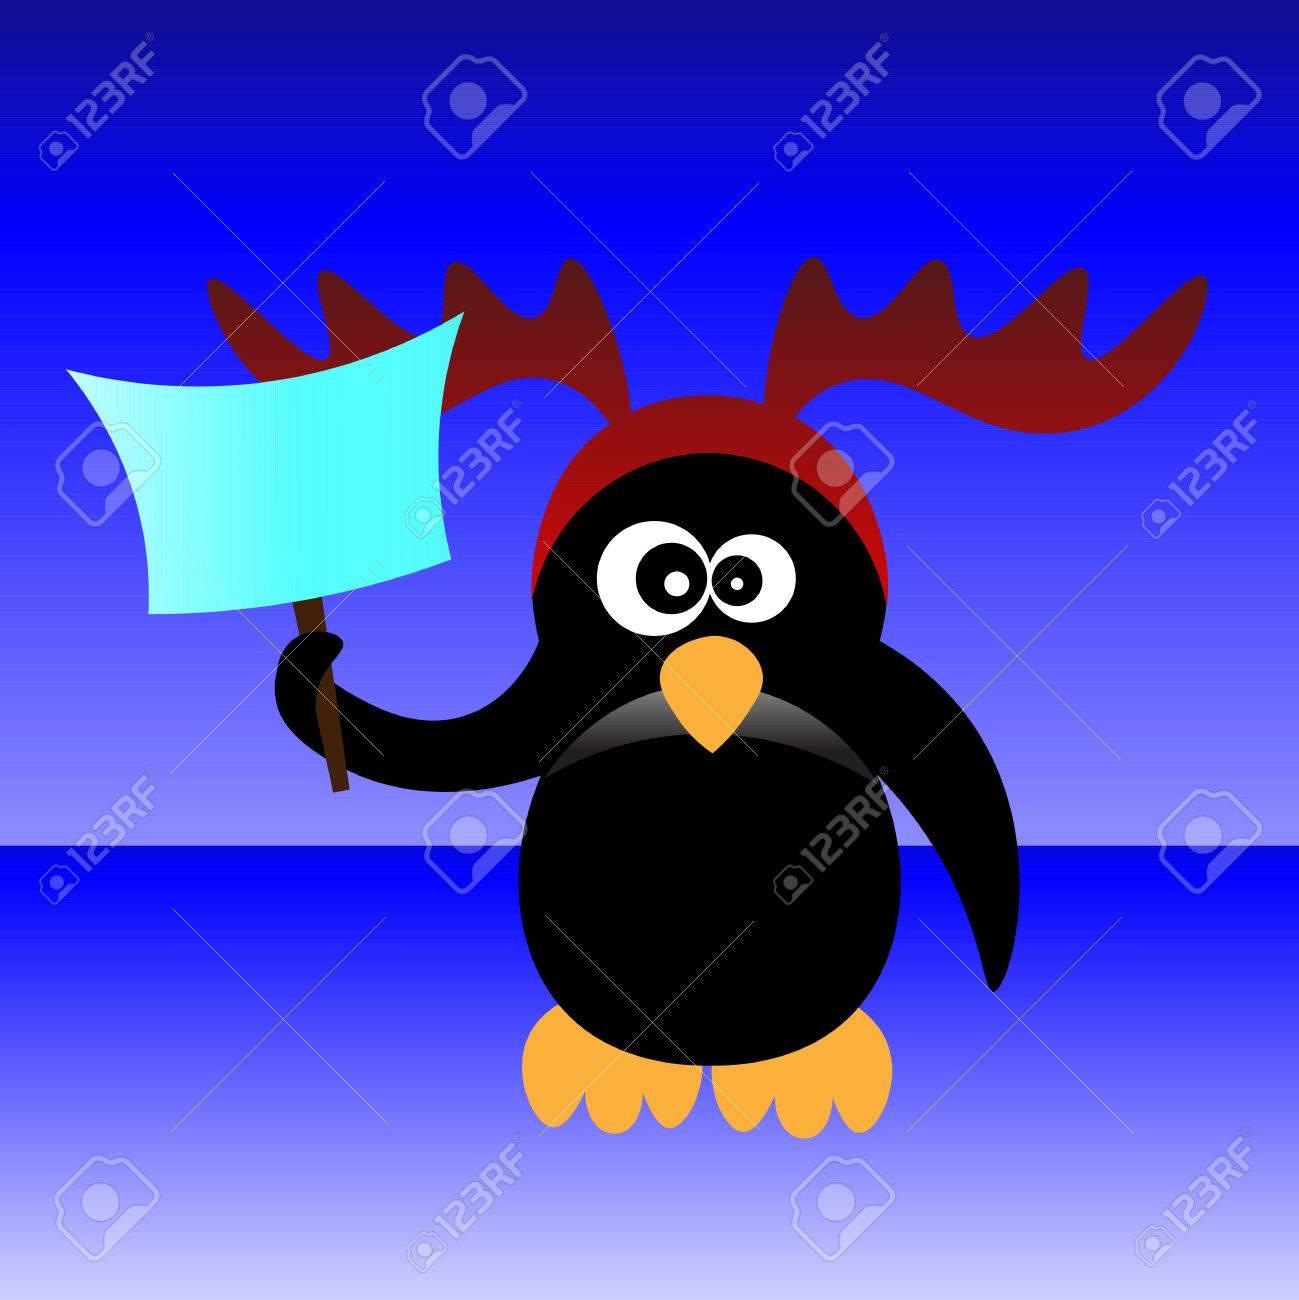 Art Créatif Coloré Nouvelle Année Hiver Vecteur Fond D écran De Vacances Illustration De Pinguin En Bois De Cerf De Noël Avec Feuille De Papier Sur